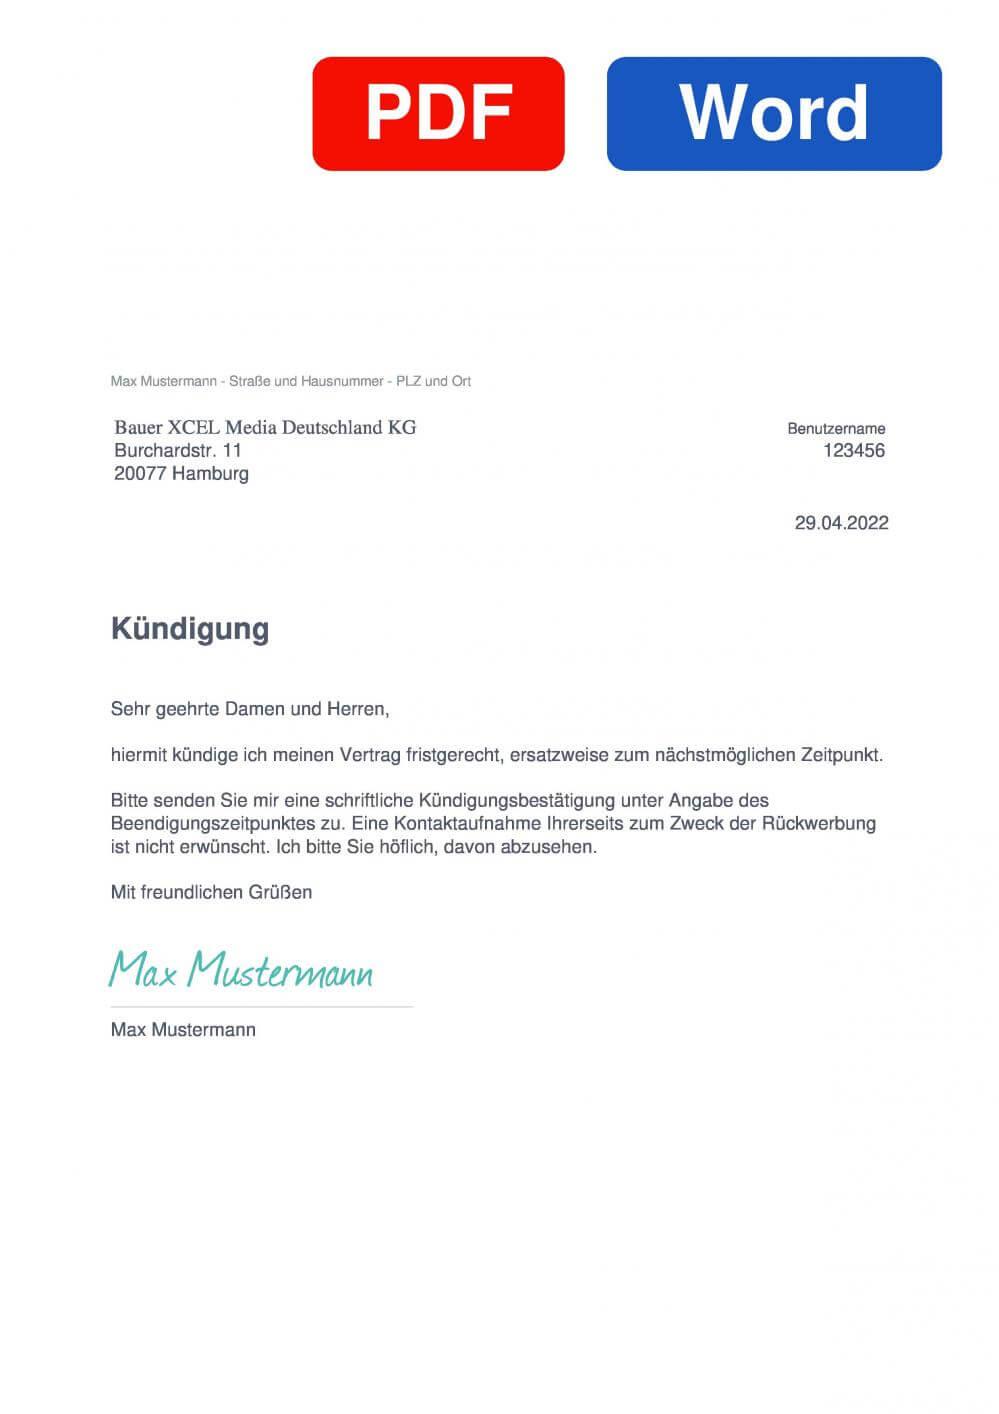 Lecker Muster Vorlage für Kündigungsschreiben